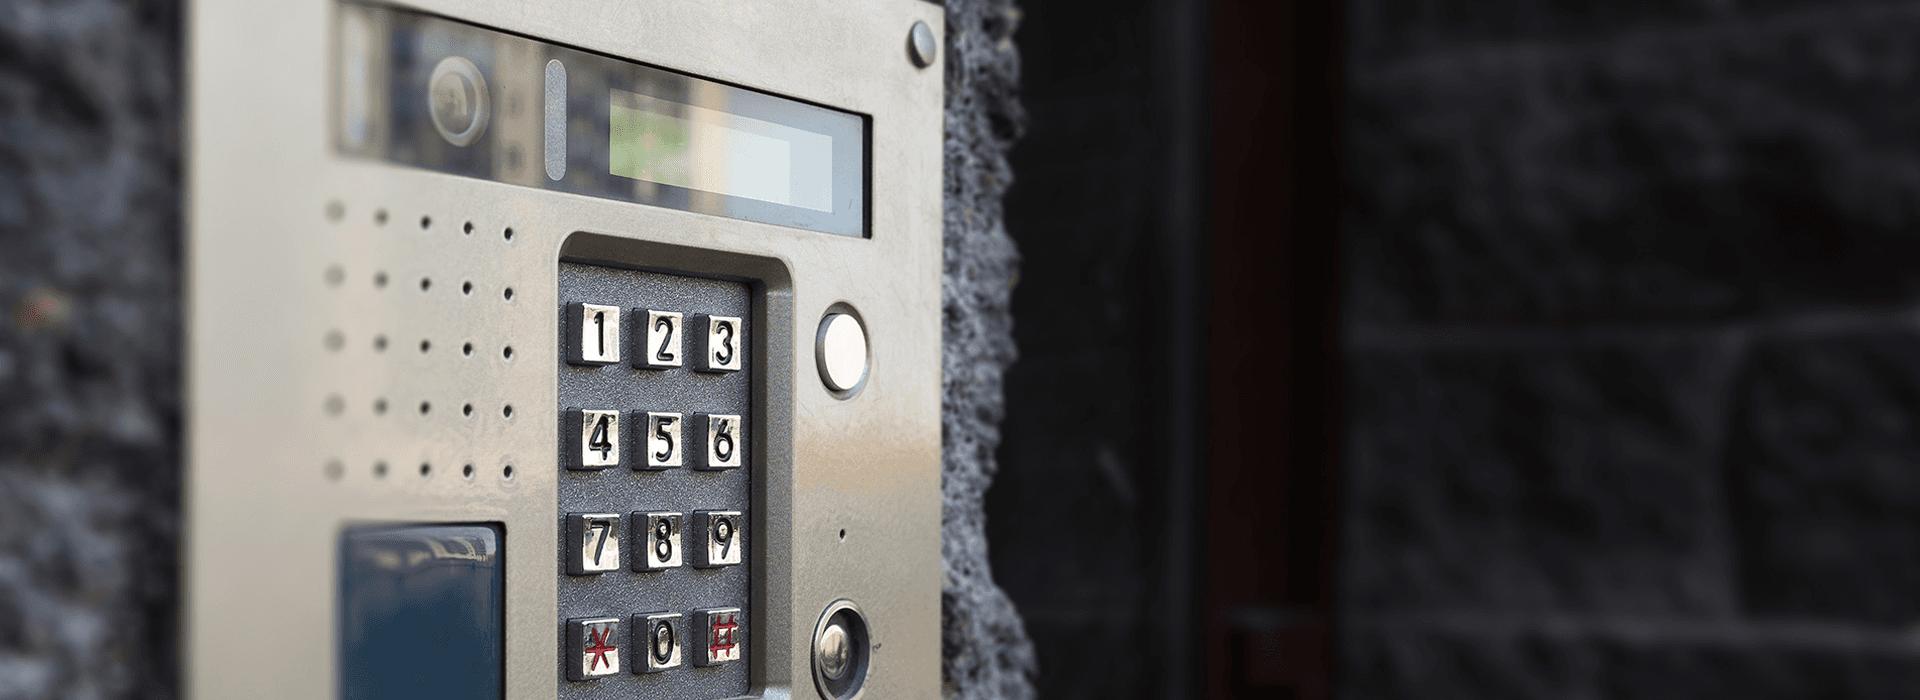 intruder security lock